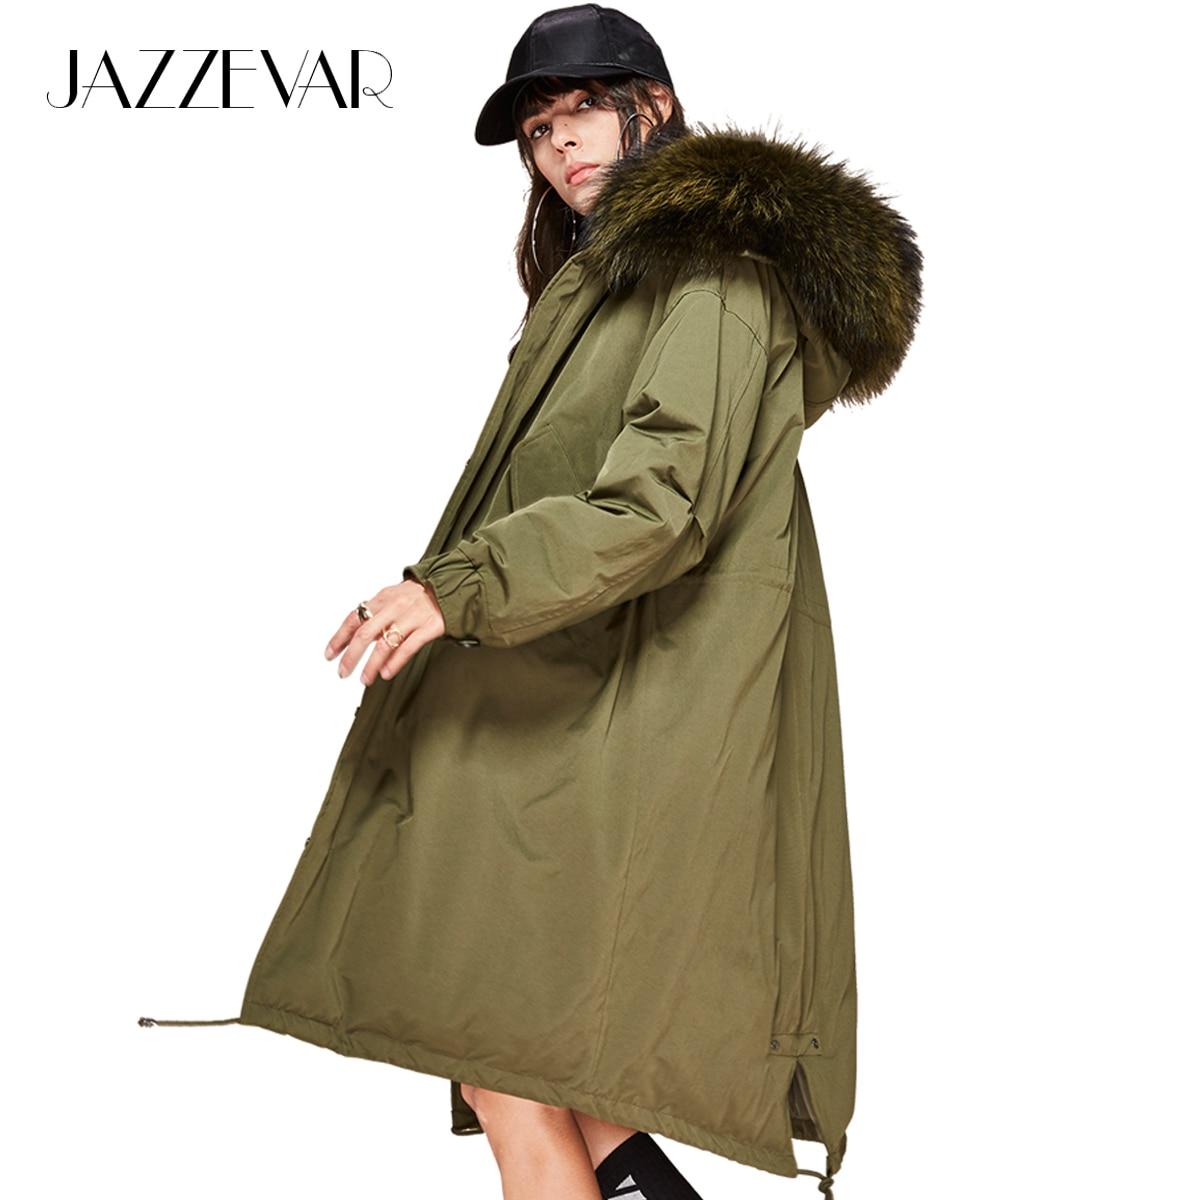 JAZZEVAR New Fashion 2018 Winter Women's 90% White Duck